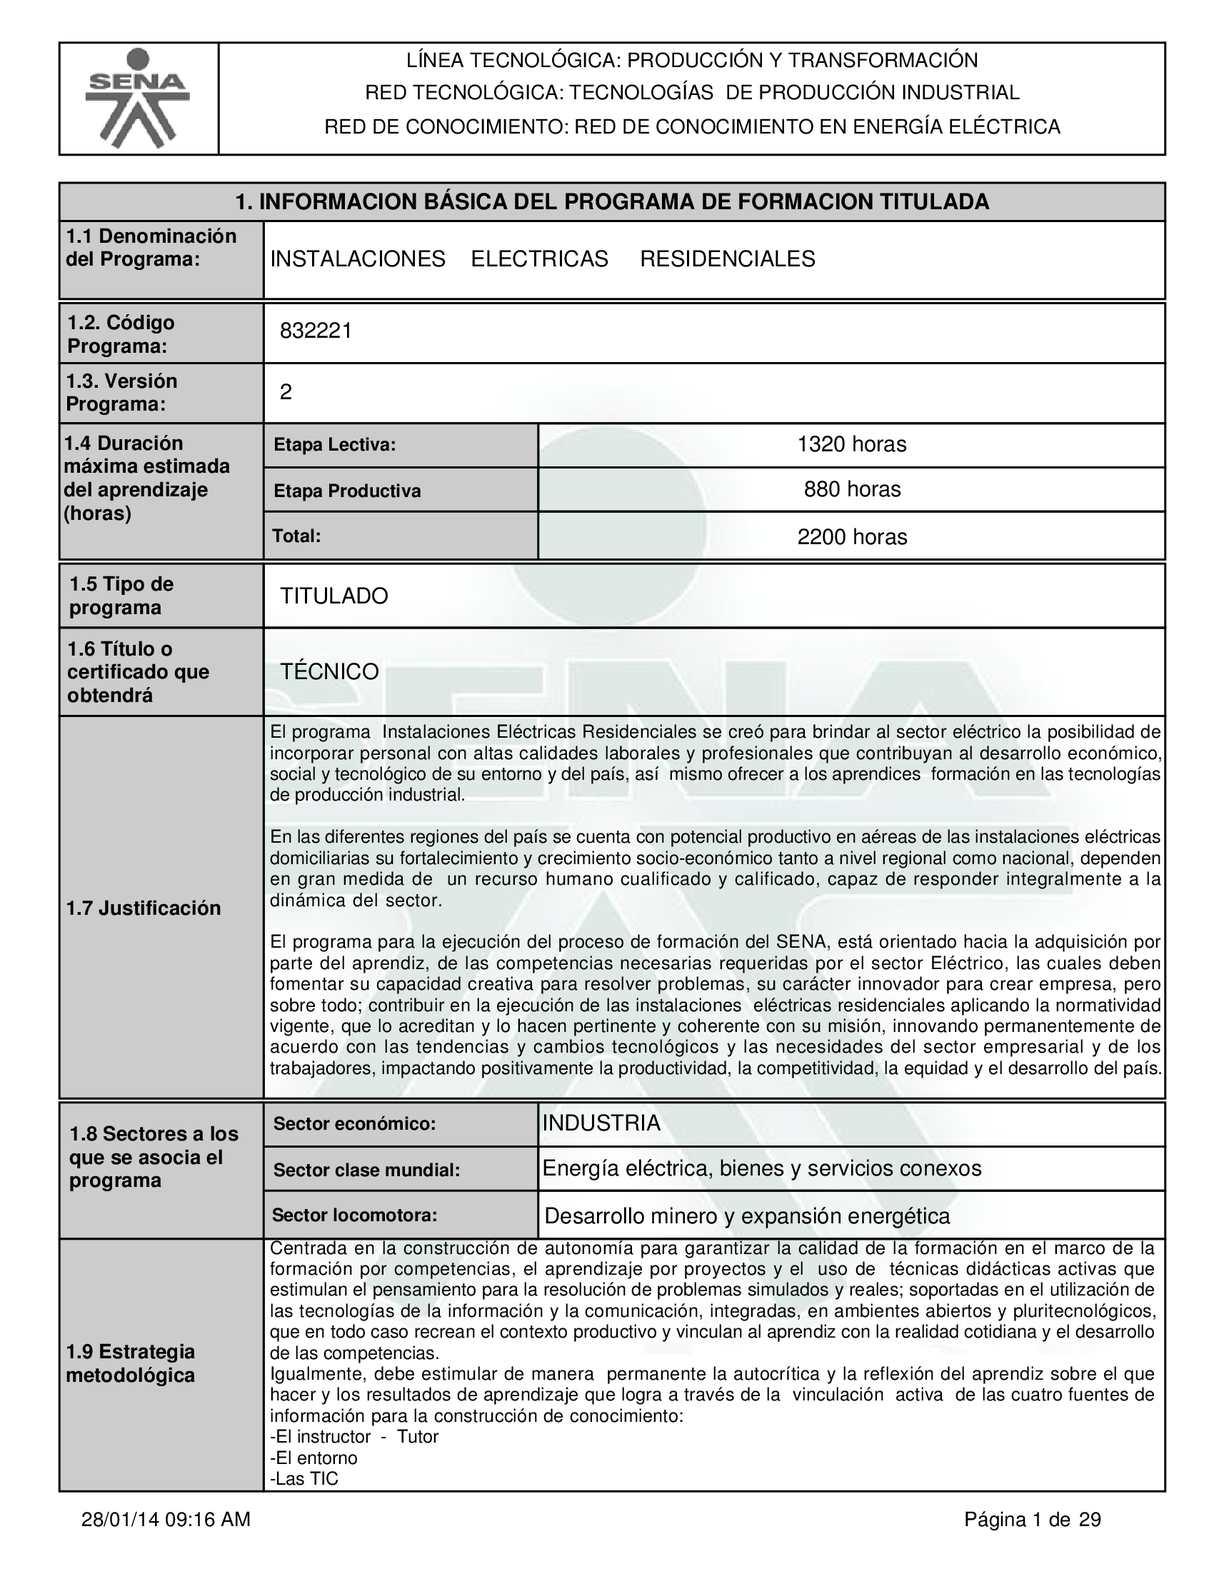 Calaméo - INSTALACIONES ELÉCTRICAS RESIDENCIALES